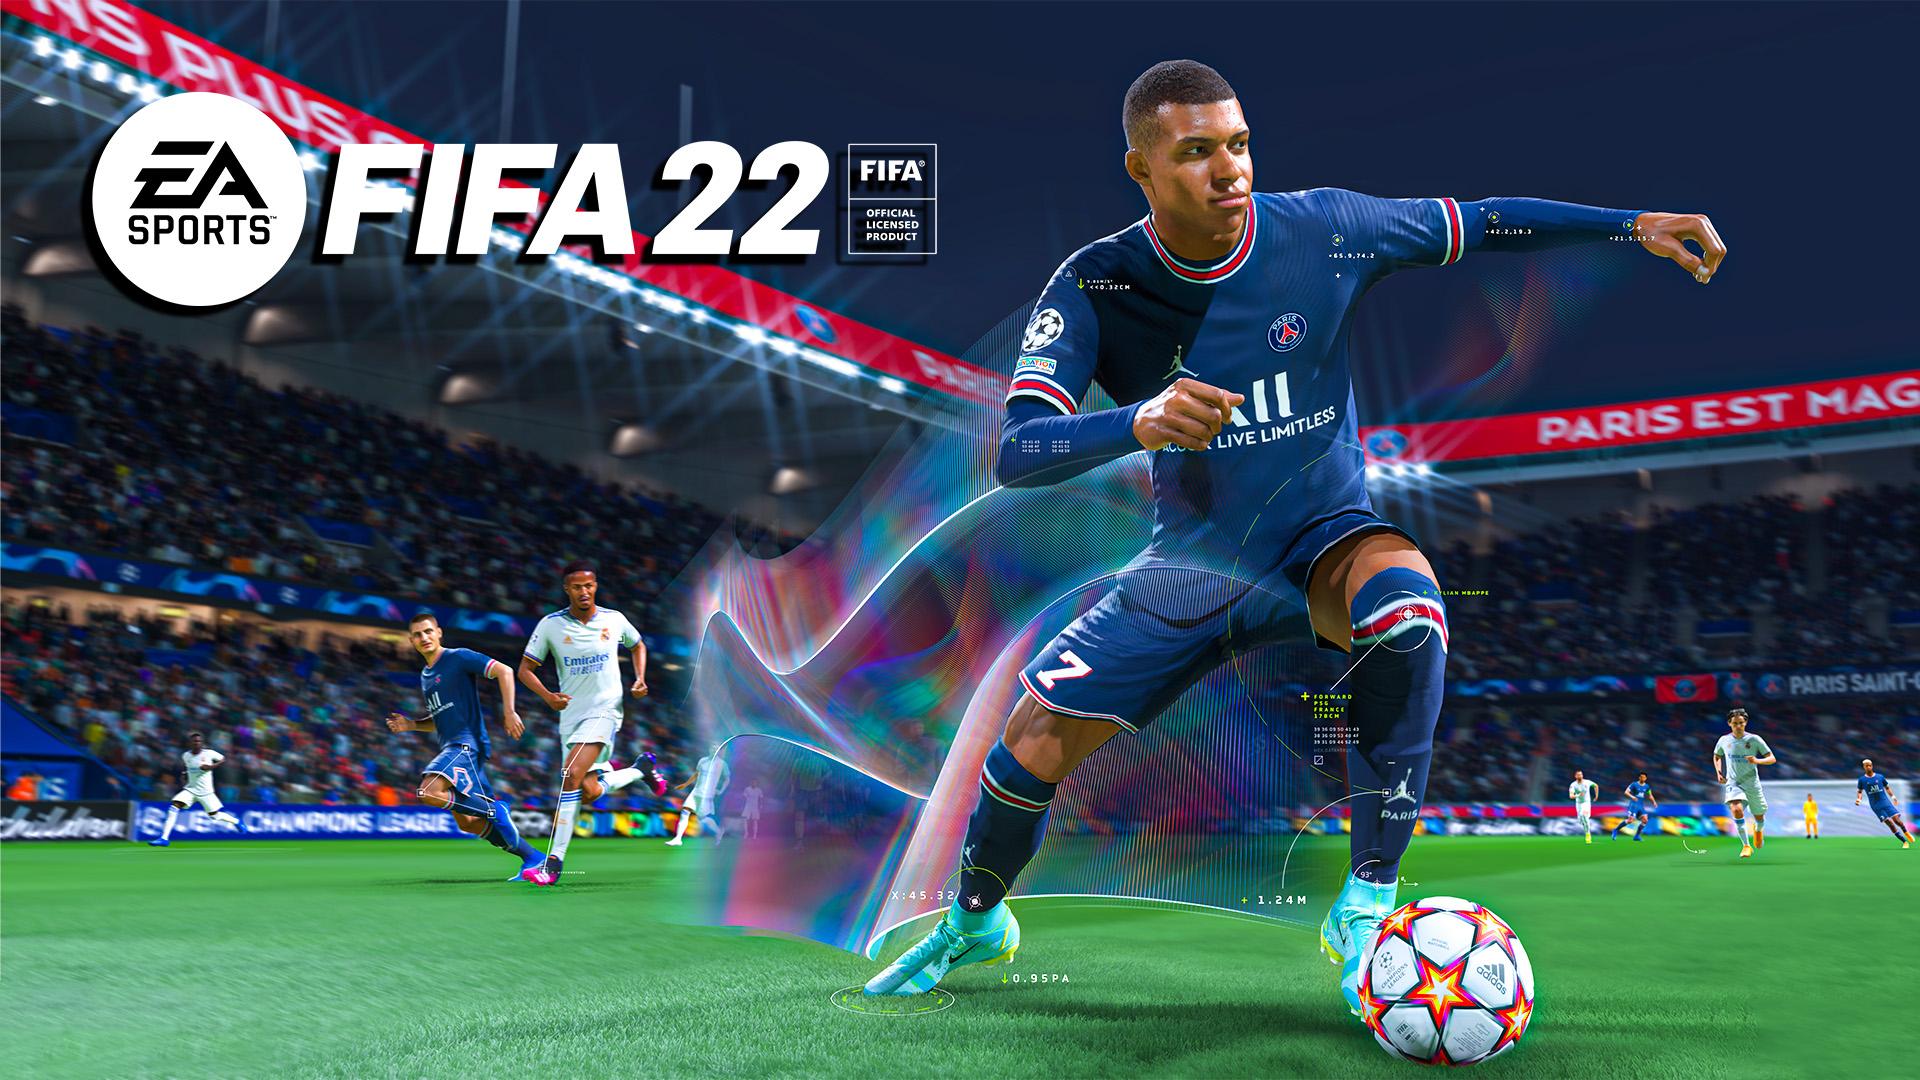 Ecco perché EA vuole cambiare nome a FIFA